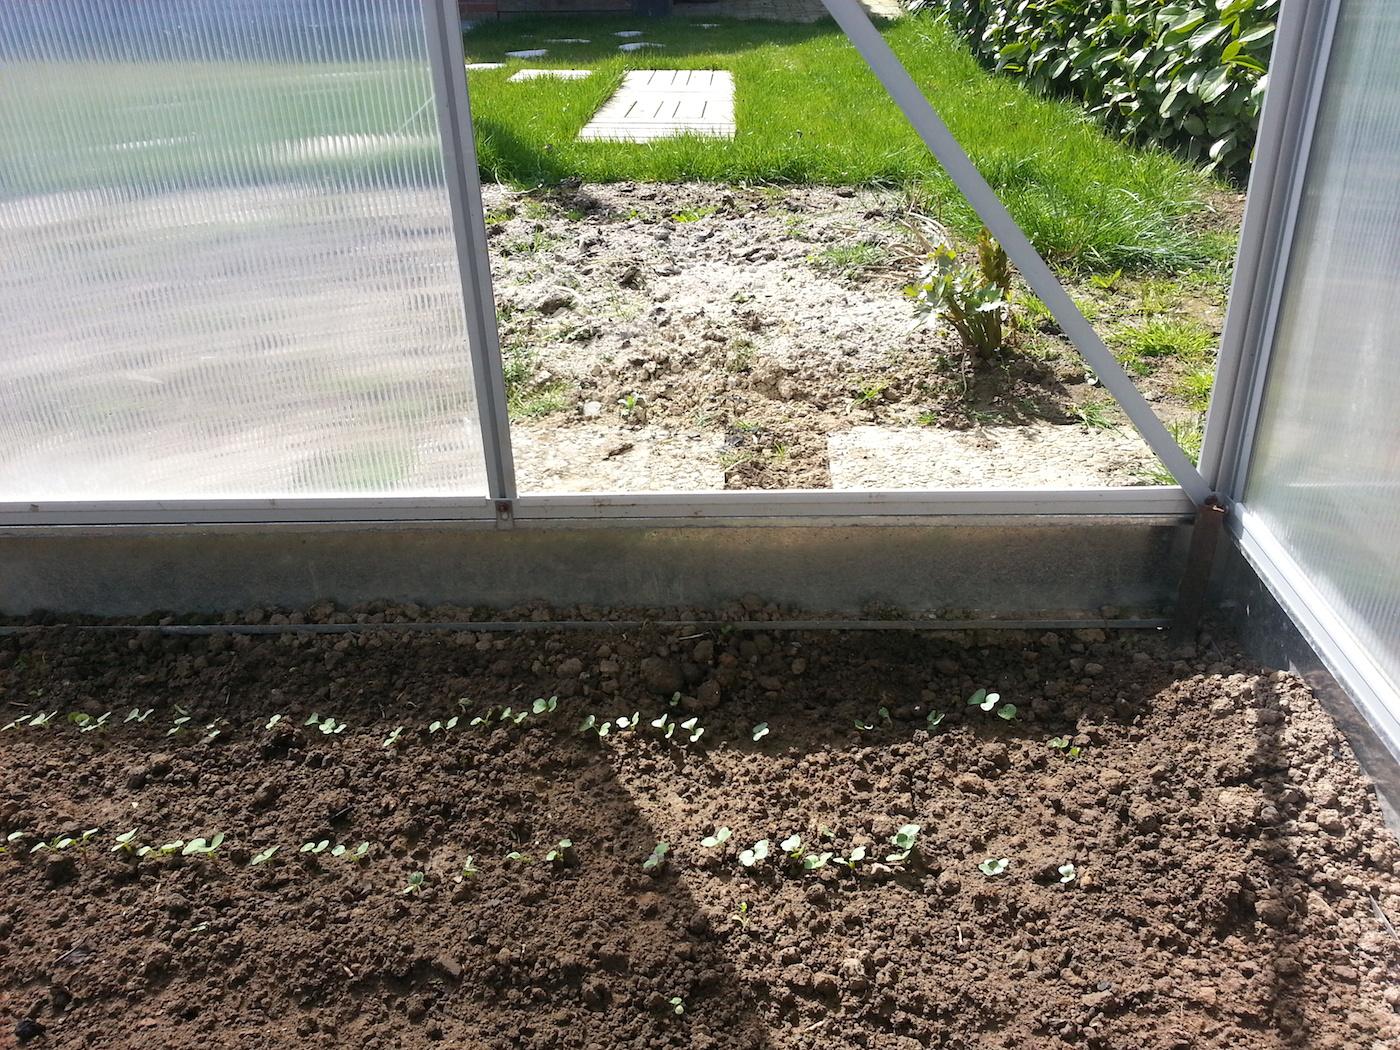 Recyclage au jardin les astuces de tonton eric oui for Cendres dans le jardin